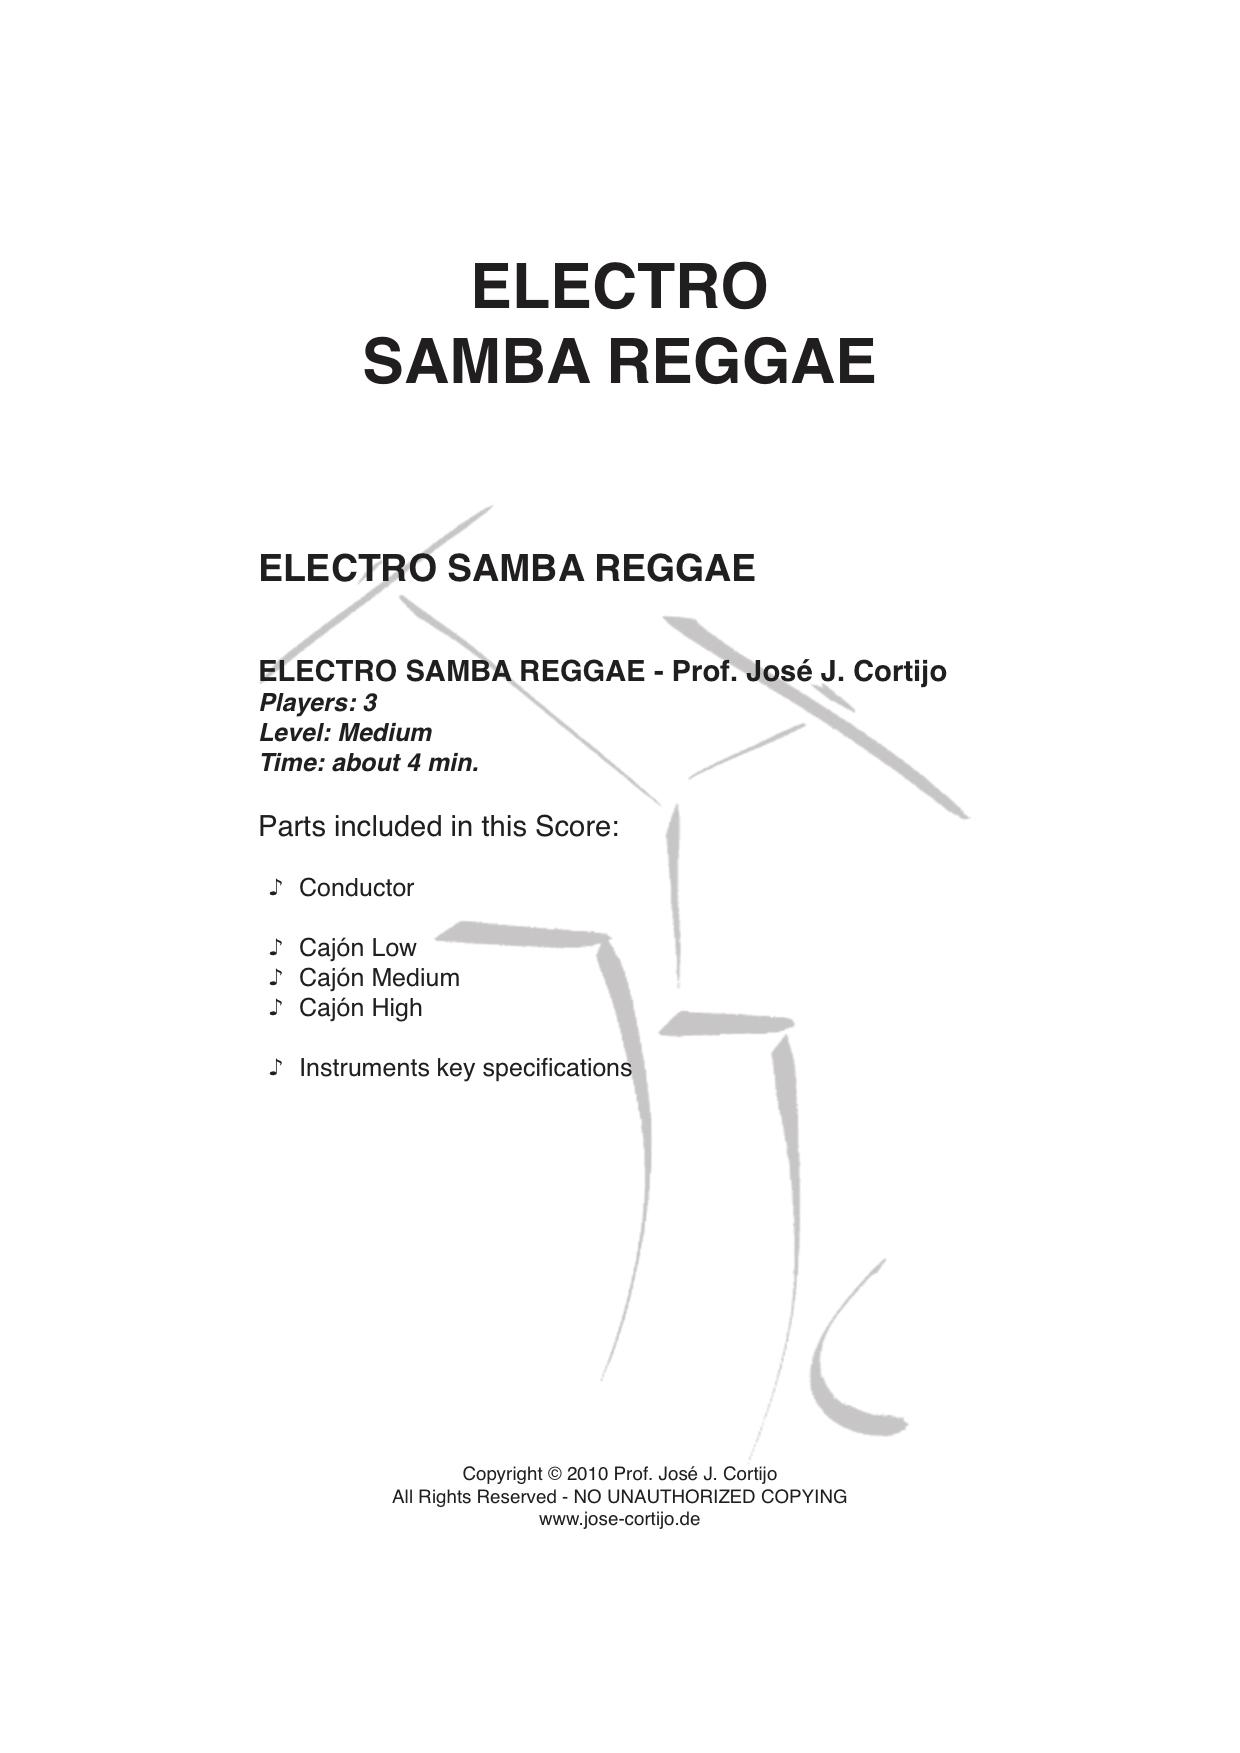 Electro Samba Reggae